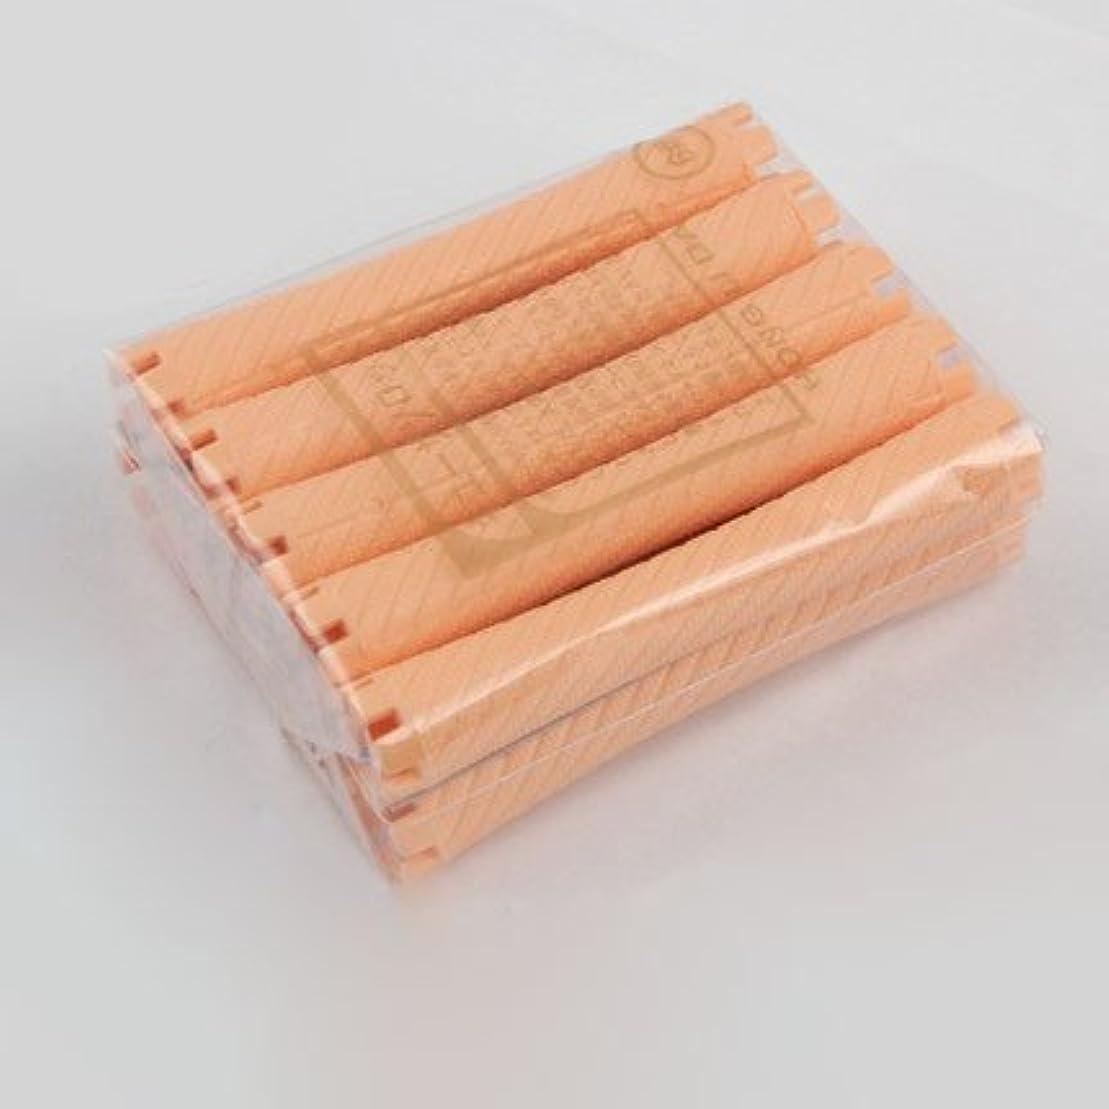 例持ってる山積みのパーマ用ロッド 6種類の大きさからお選び頂けます XNTFG-1